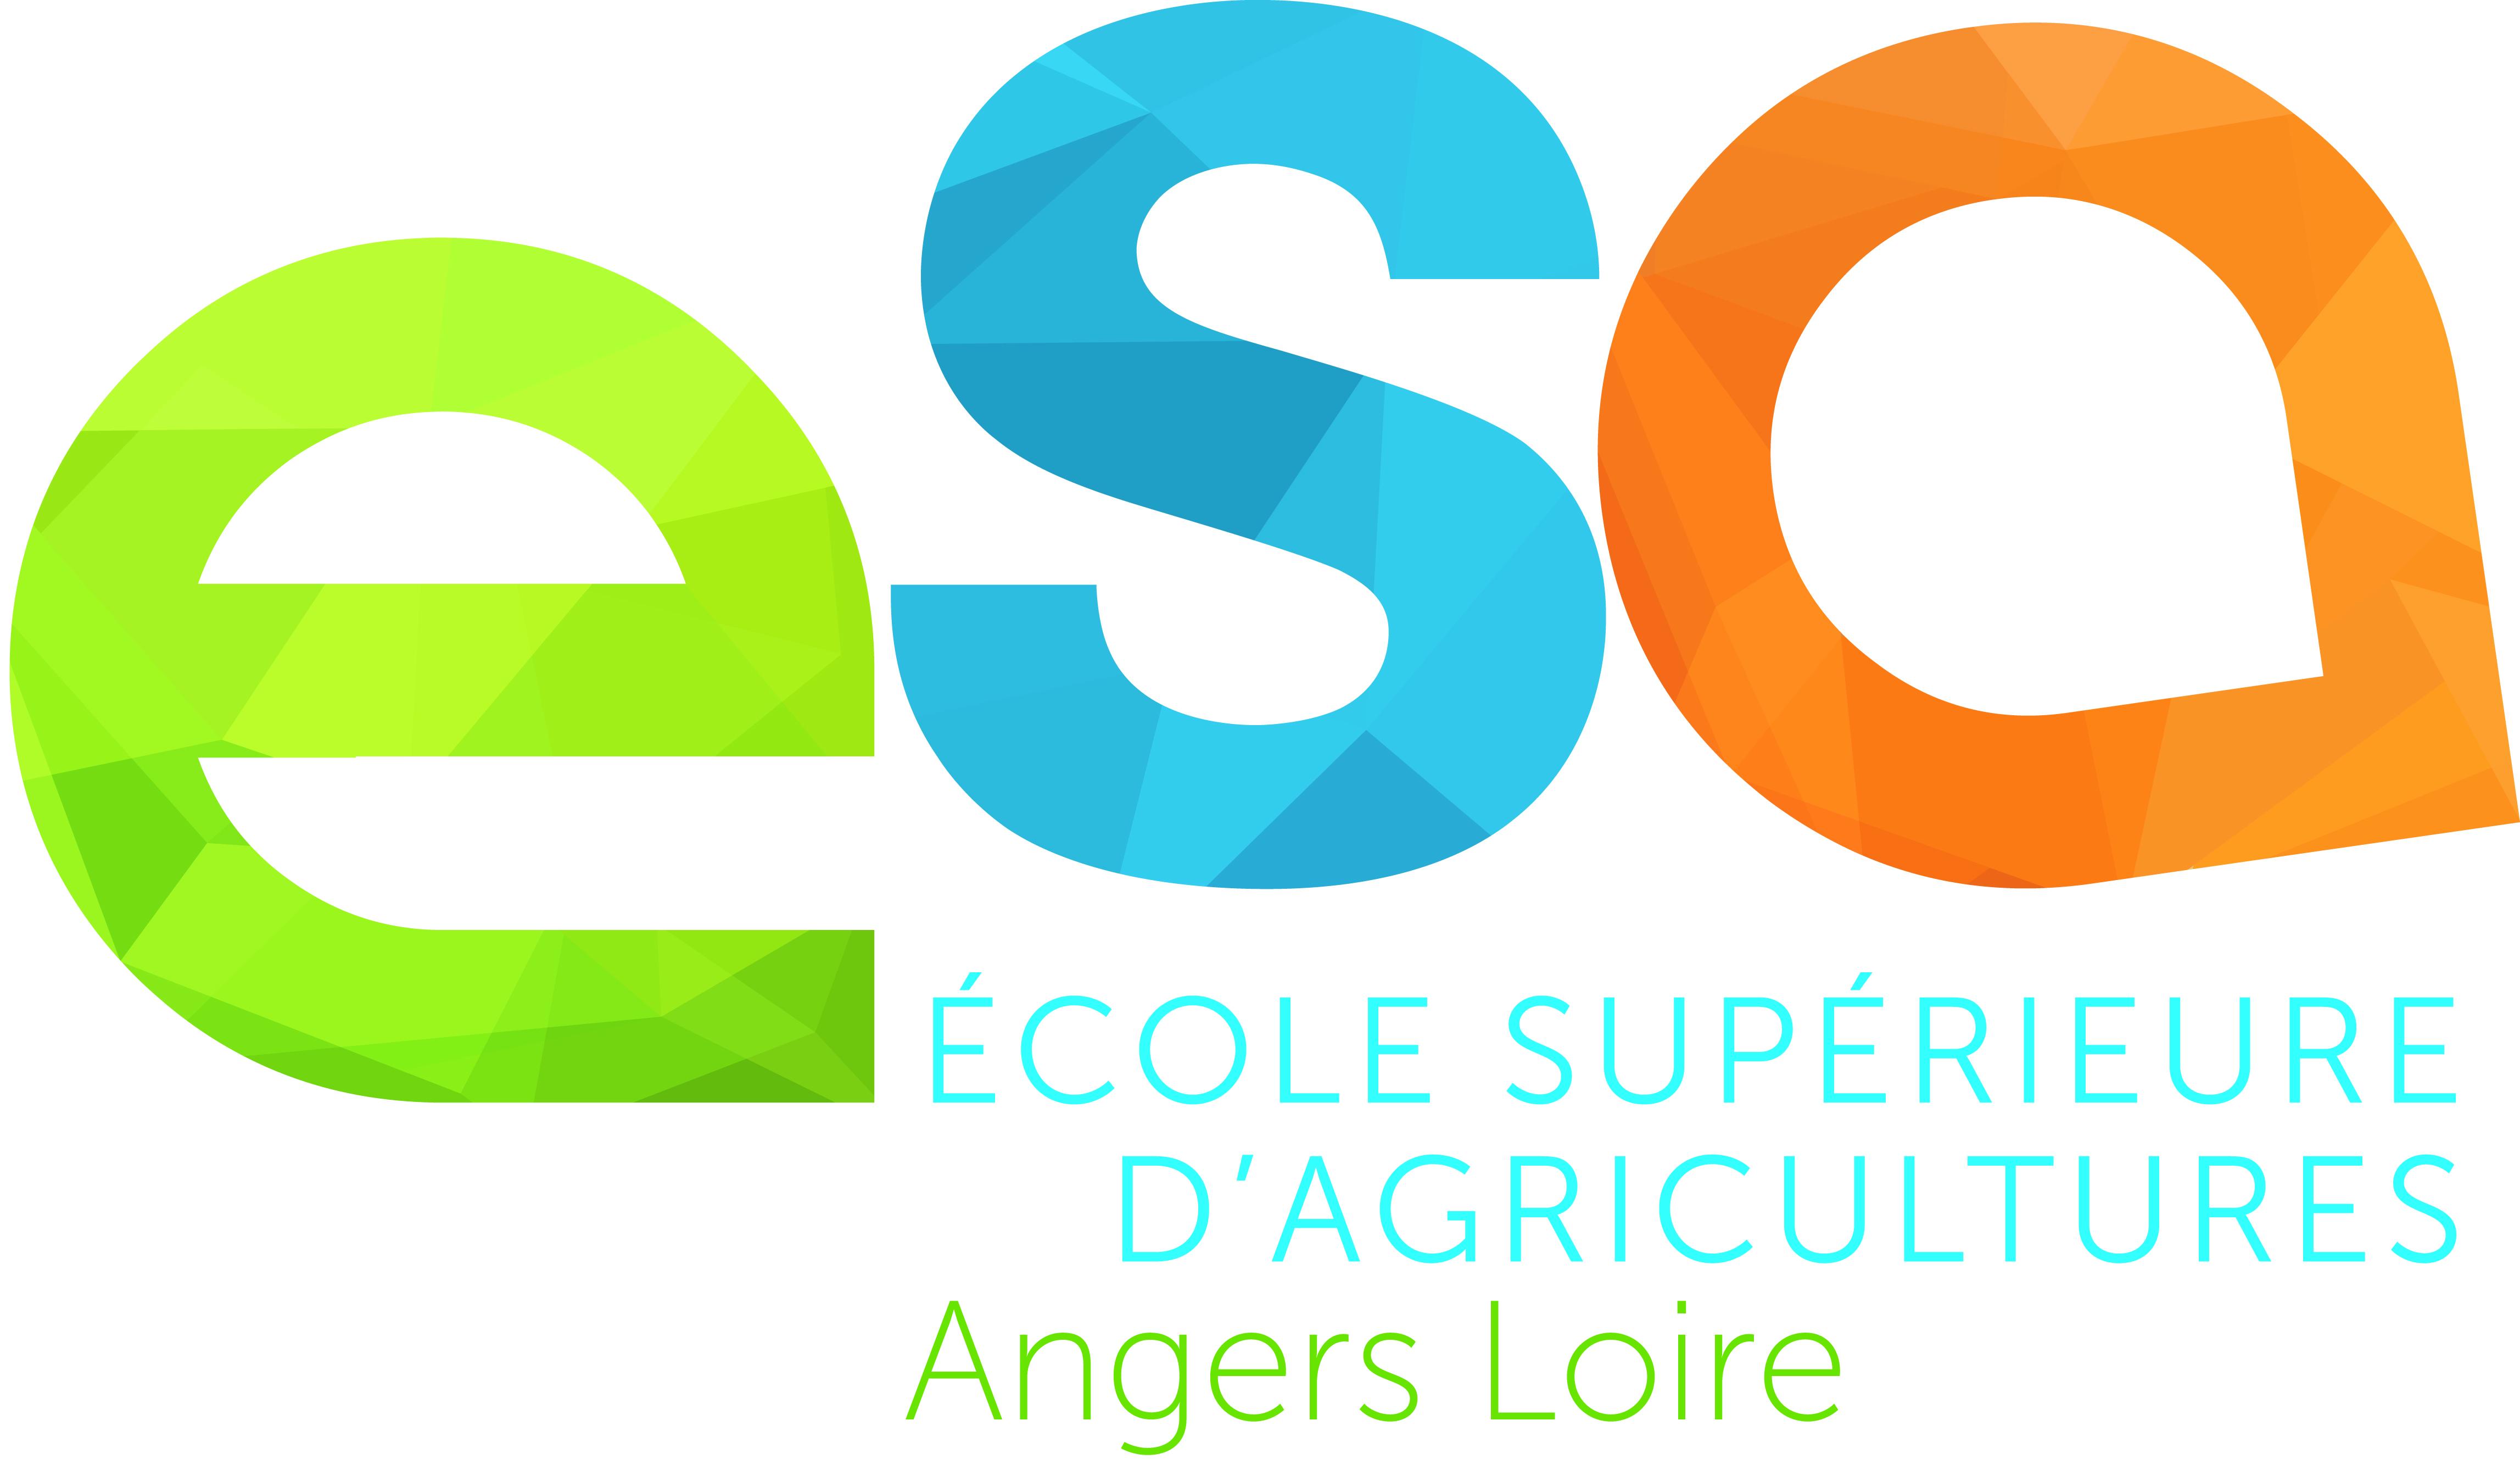 Ecole Supérieure d'Agriculture Angers Loire